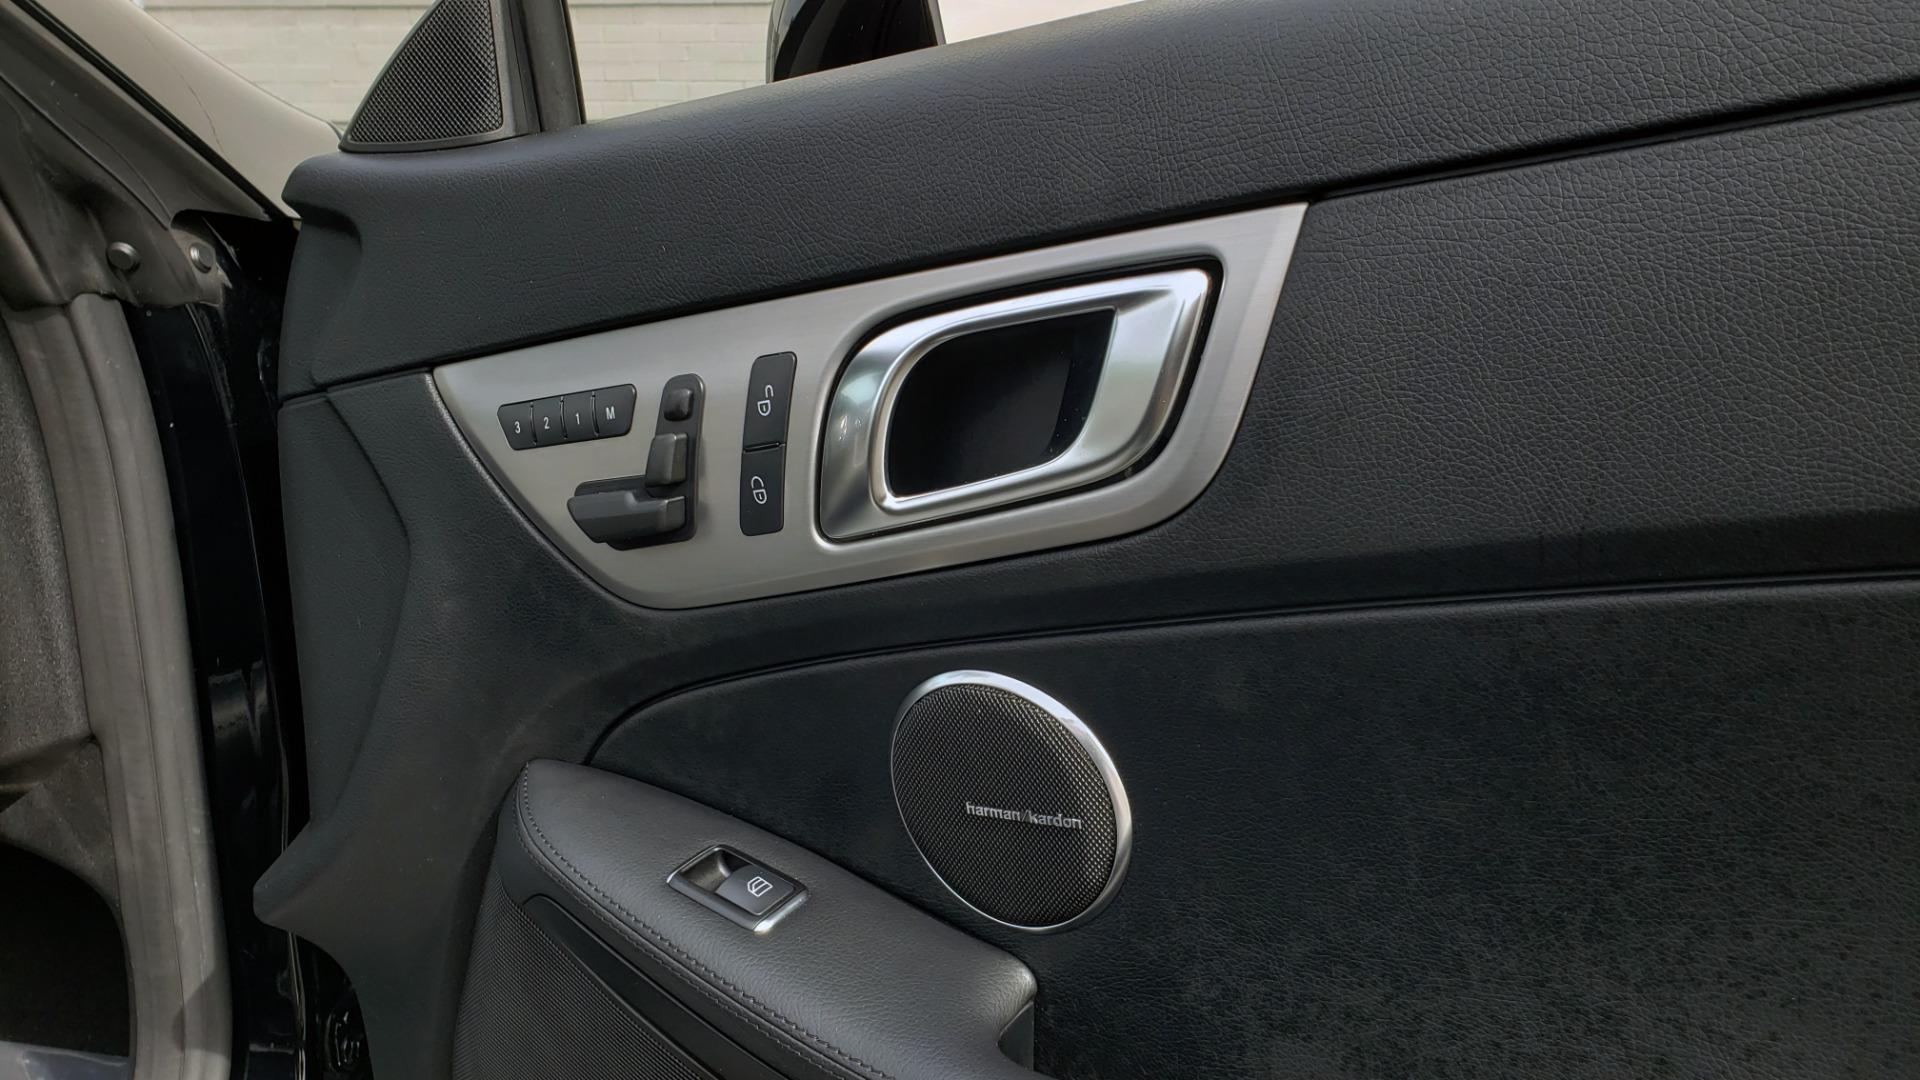 Used 2012 Mercedes-Benz SLK-CLASS SLK 250 ROADSTER / PREM 1 PKG / COMAND LAUNCH PKG / 7-SPD AUTO for sale $24,995 at Formula Imports in Charlotte NC 28227 53